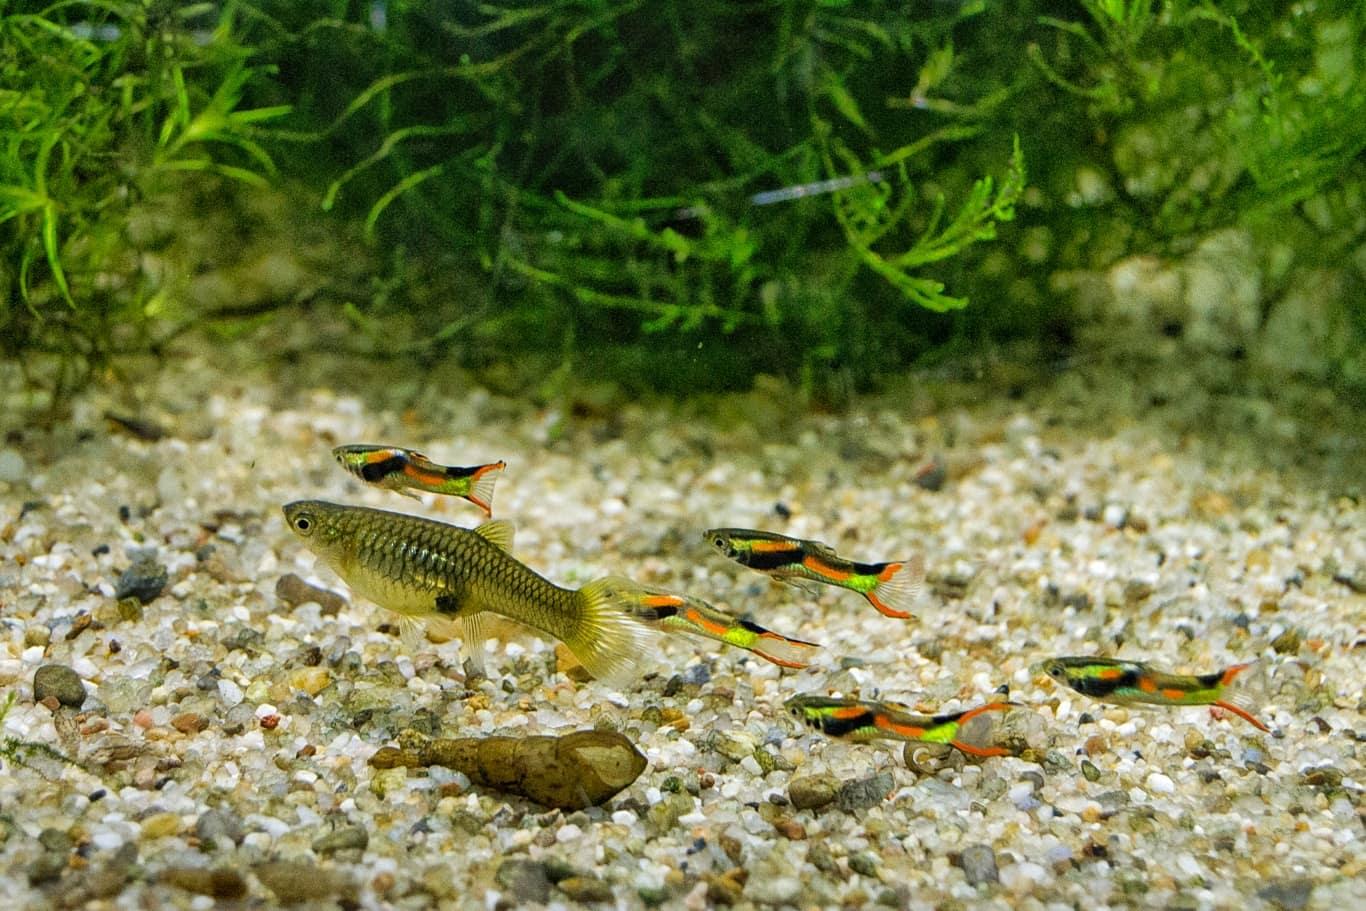 Specia de pește Poecilia wingei dispărută din habitatul natural, este conservată în Constanța